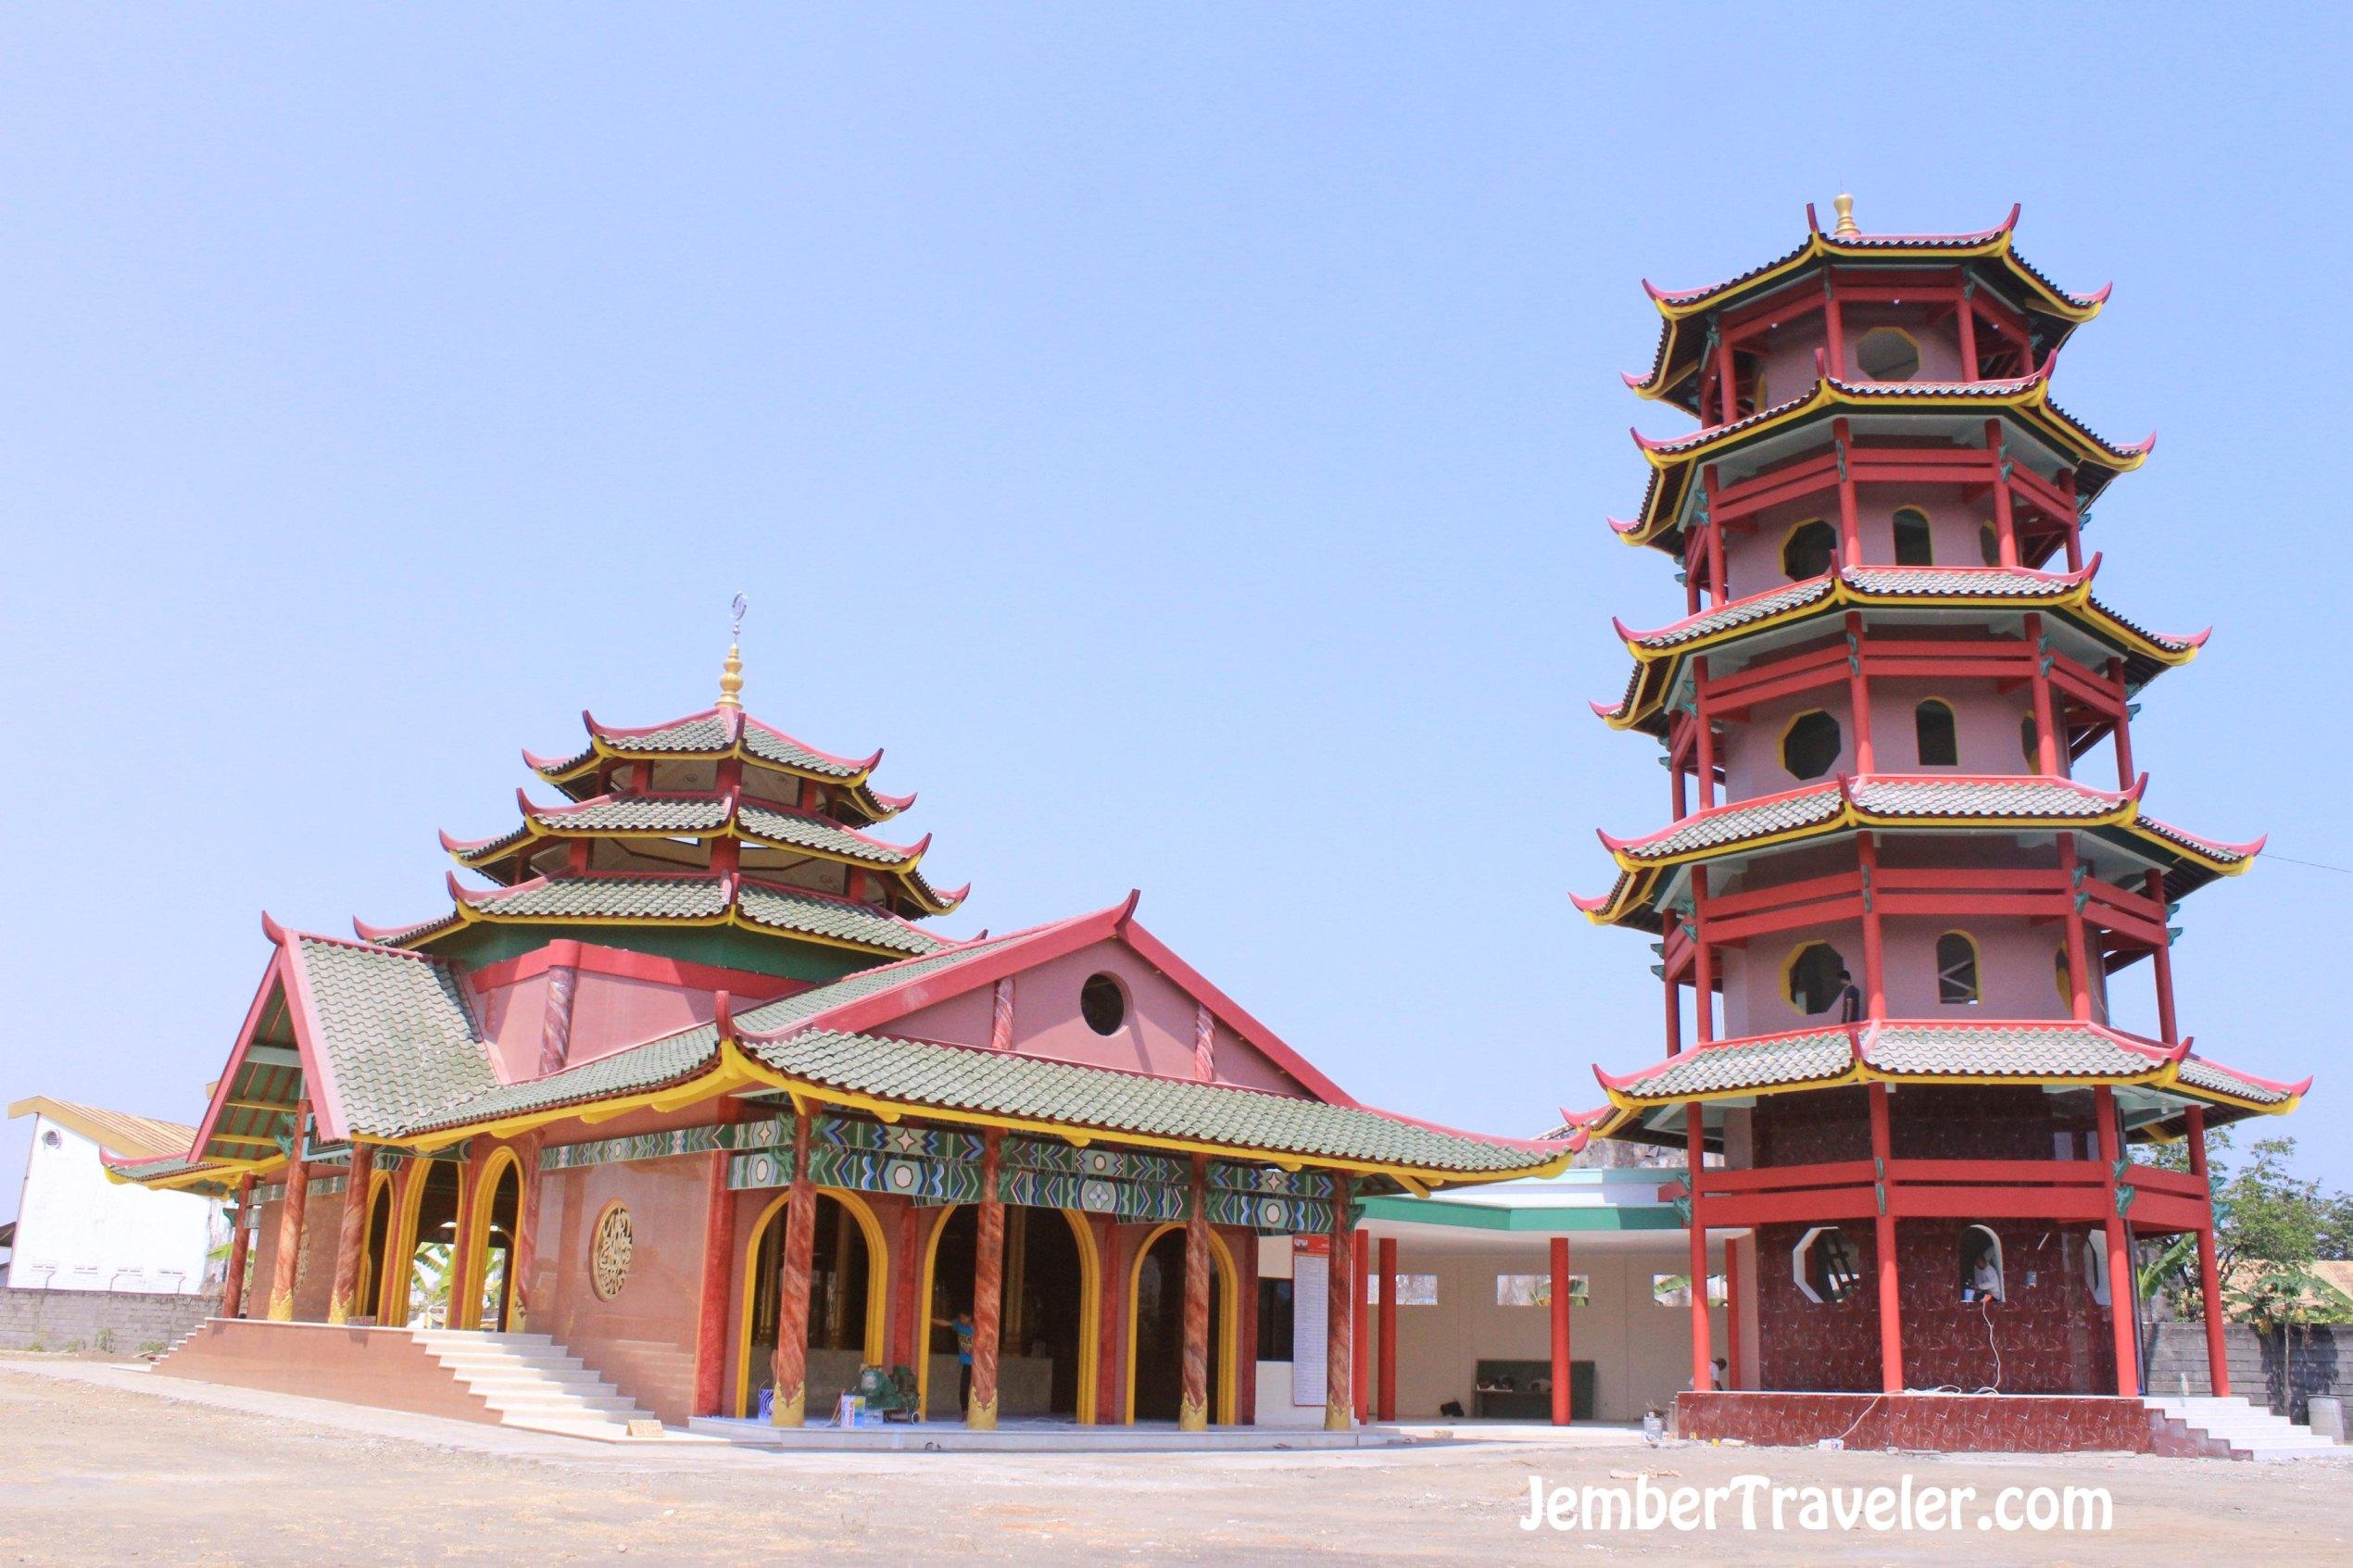 Masjid Muhammad Cheng Ho Jember Traveler Pagodanya Hoo Palembang Kota